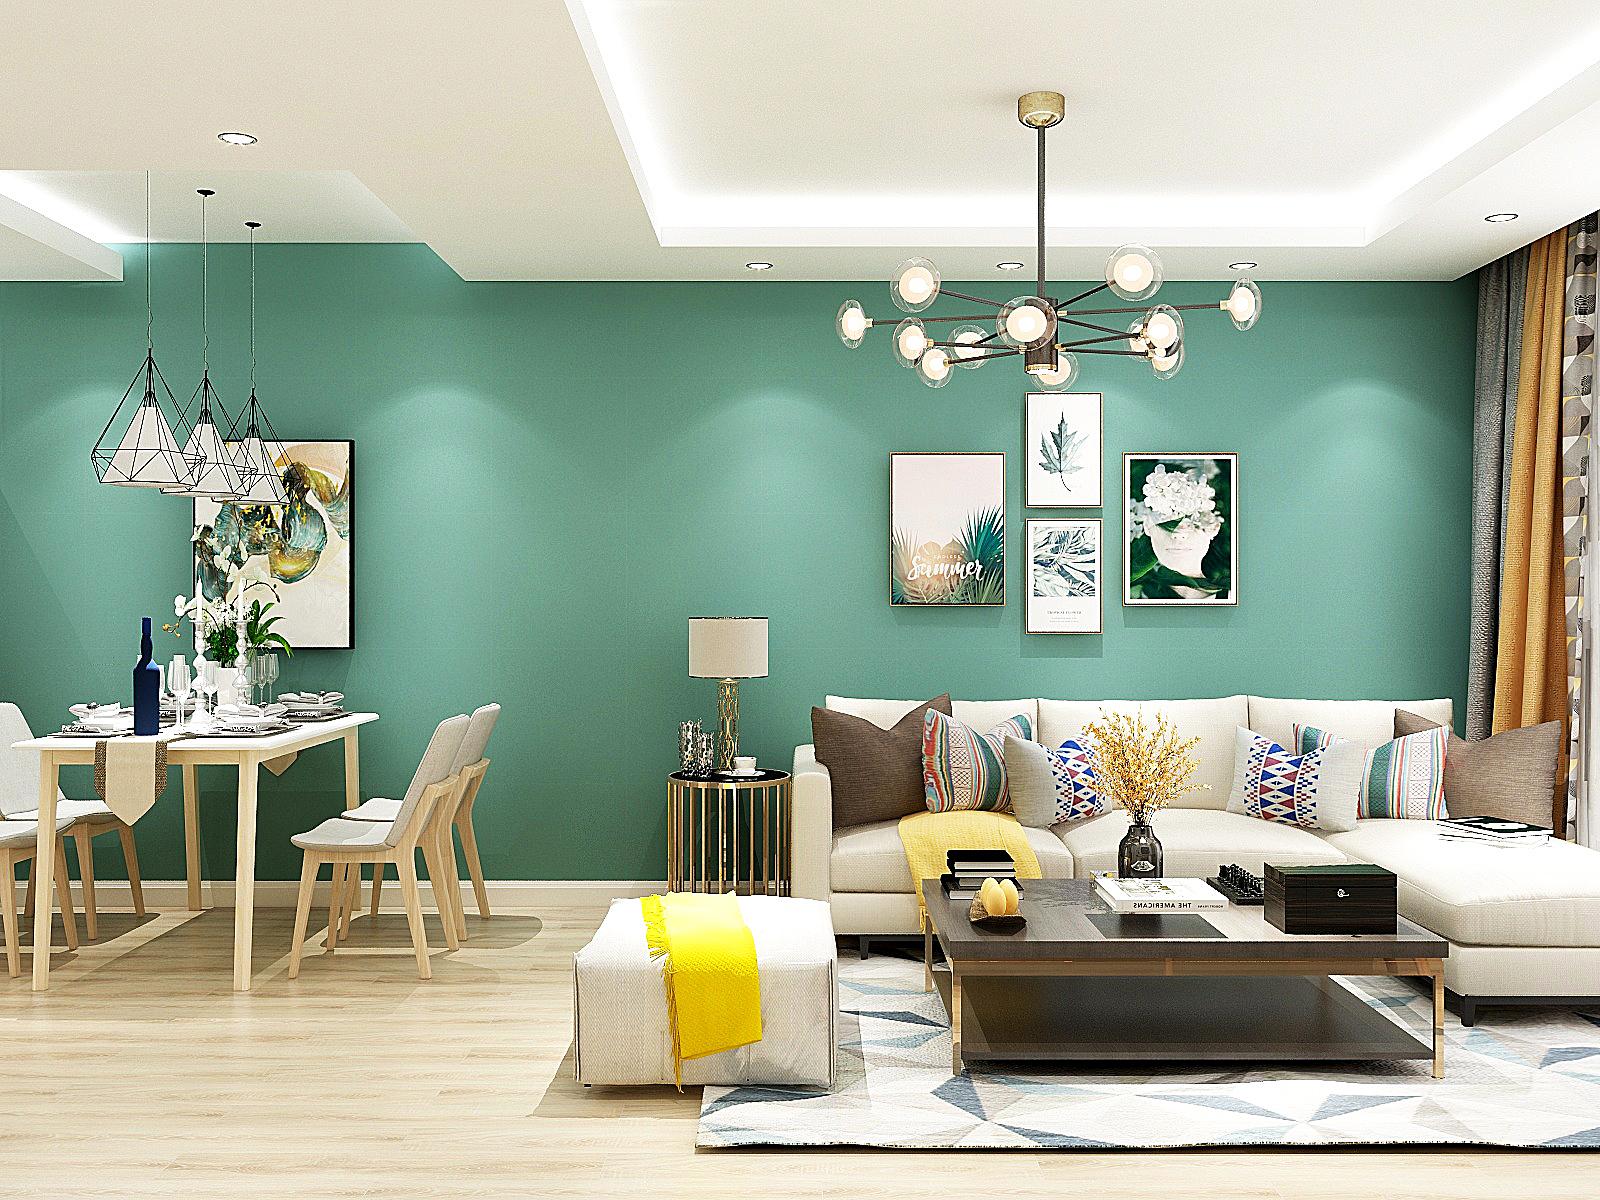 84㎡两居室现代简约风,小户型这样做隐形划分,灵感满分!